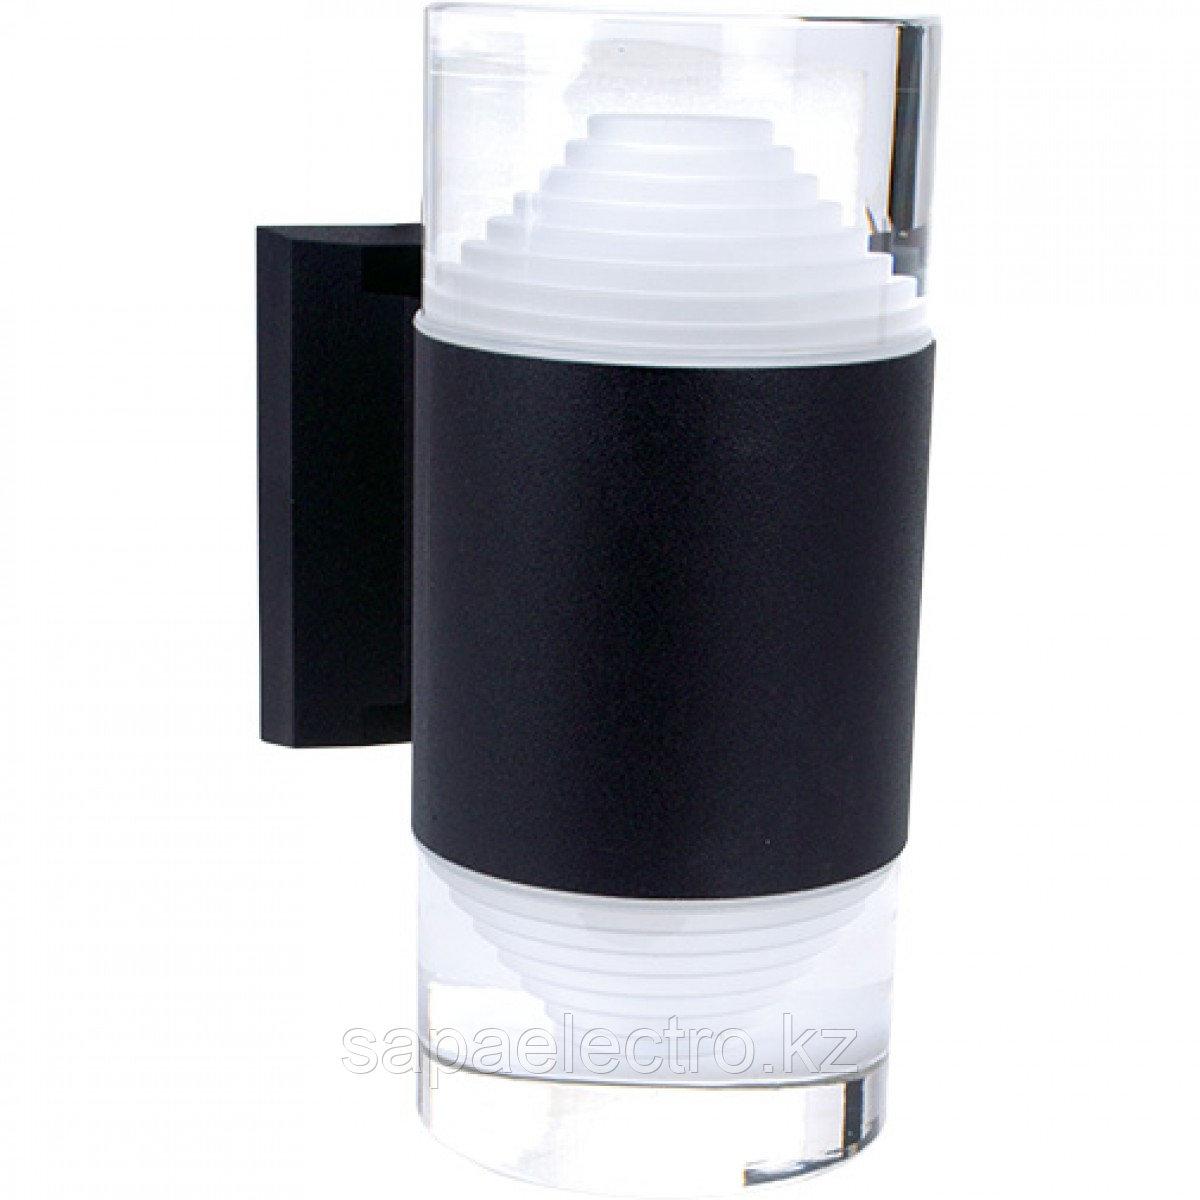 Свет-к LED  B2168 2*5W Black 4000K  (TS) 10шт